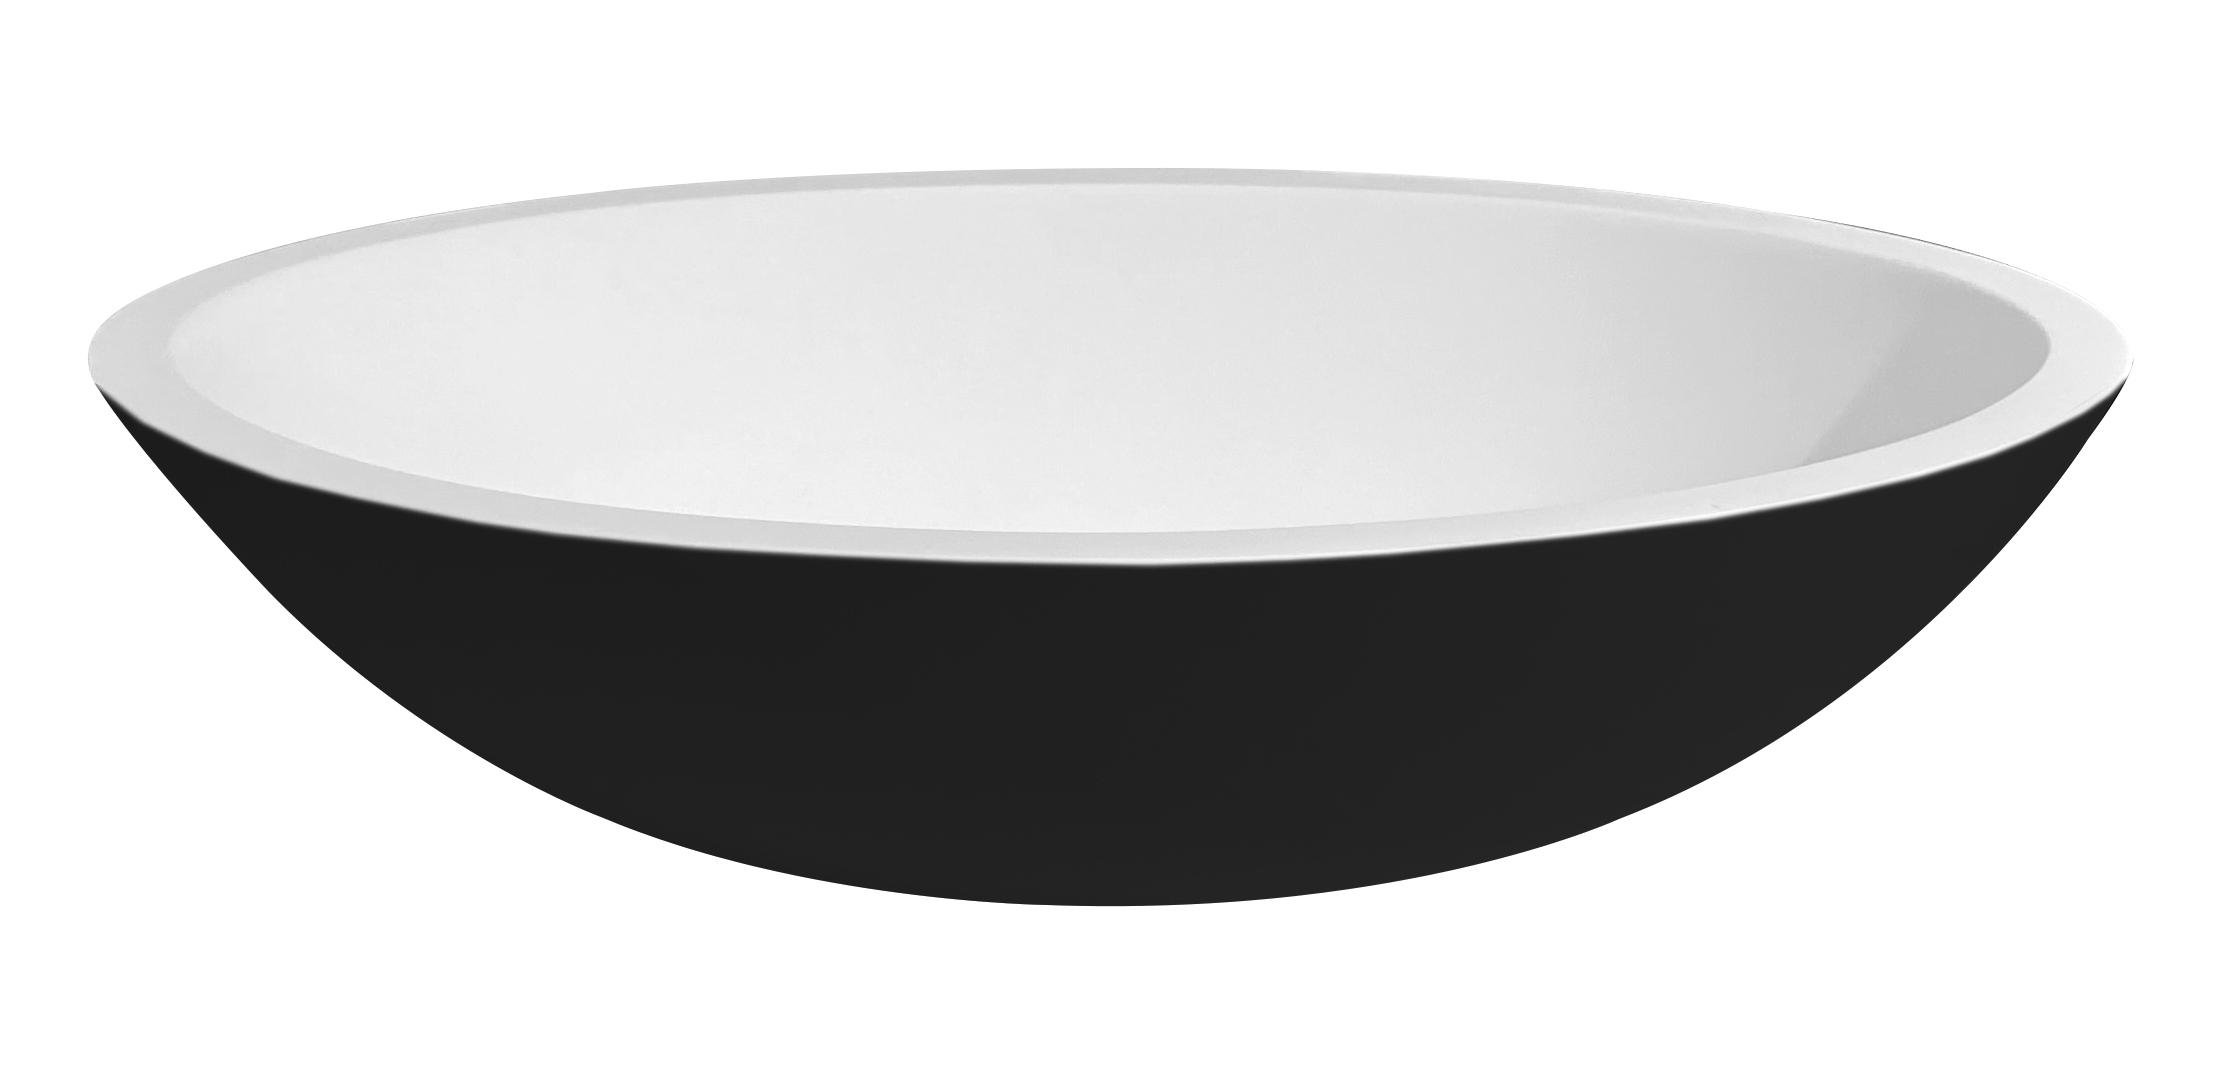 Best Design Just Solid Epona waskom 52 cm zwart wit